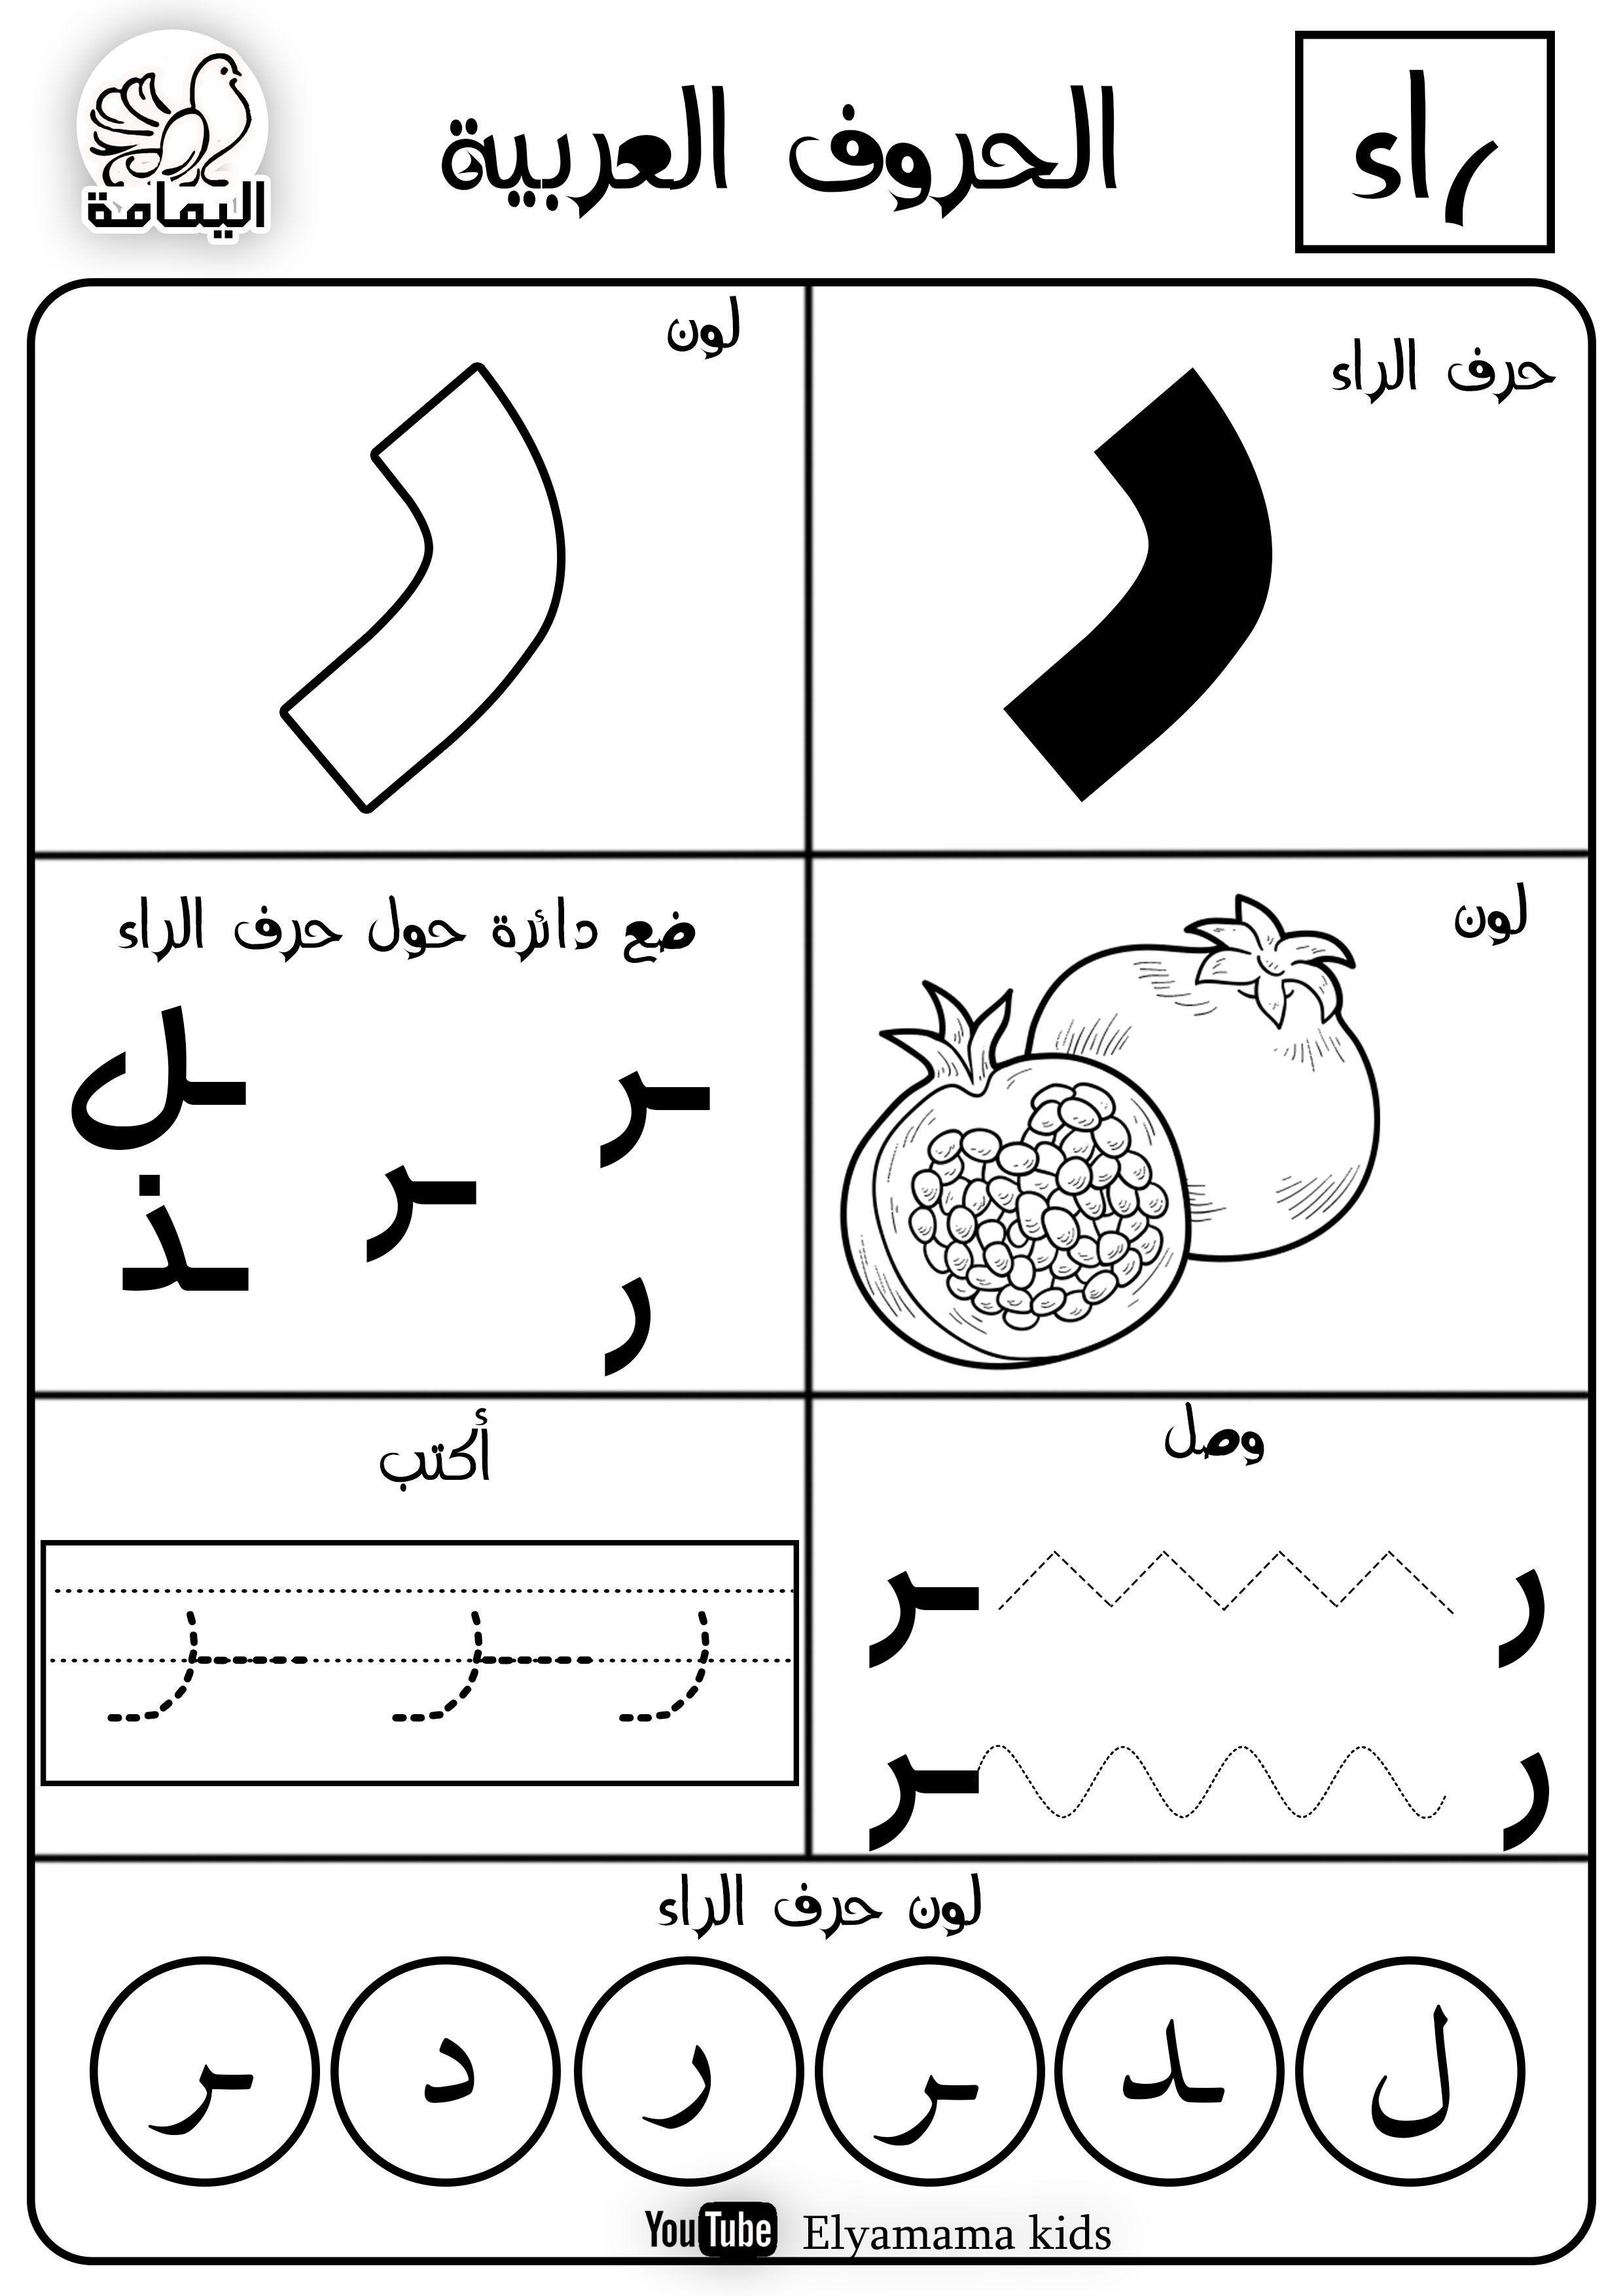 باء استراتيجيات تعليم أطفال أطفال الروضة روضتي مدرسة حروف عربي ألعاب عمل فني أطفال تعليم Arabic Alphabet Arabic Alphabet For Kids Learning Arabic